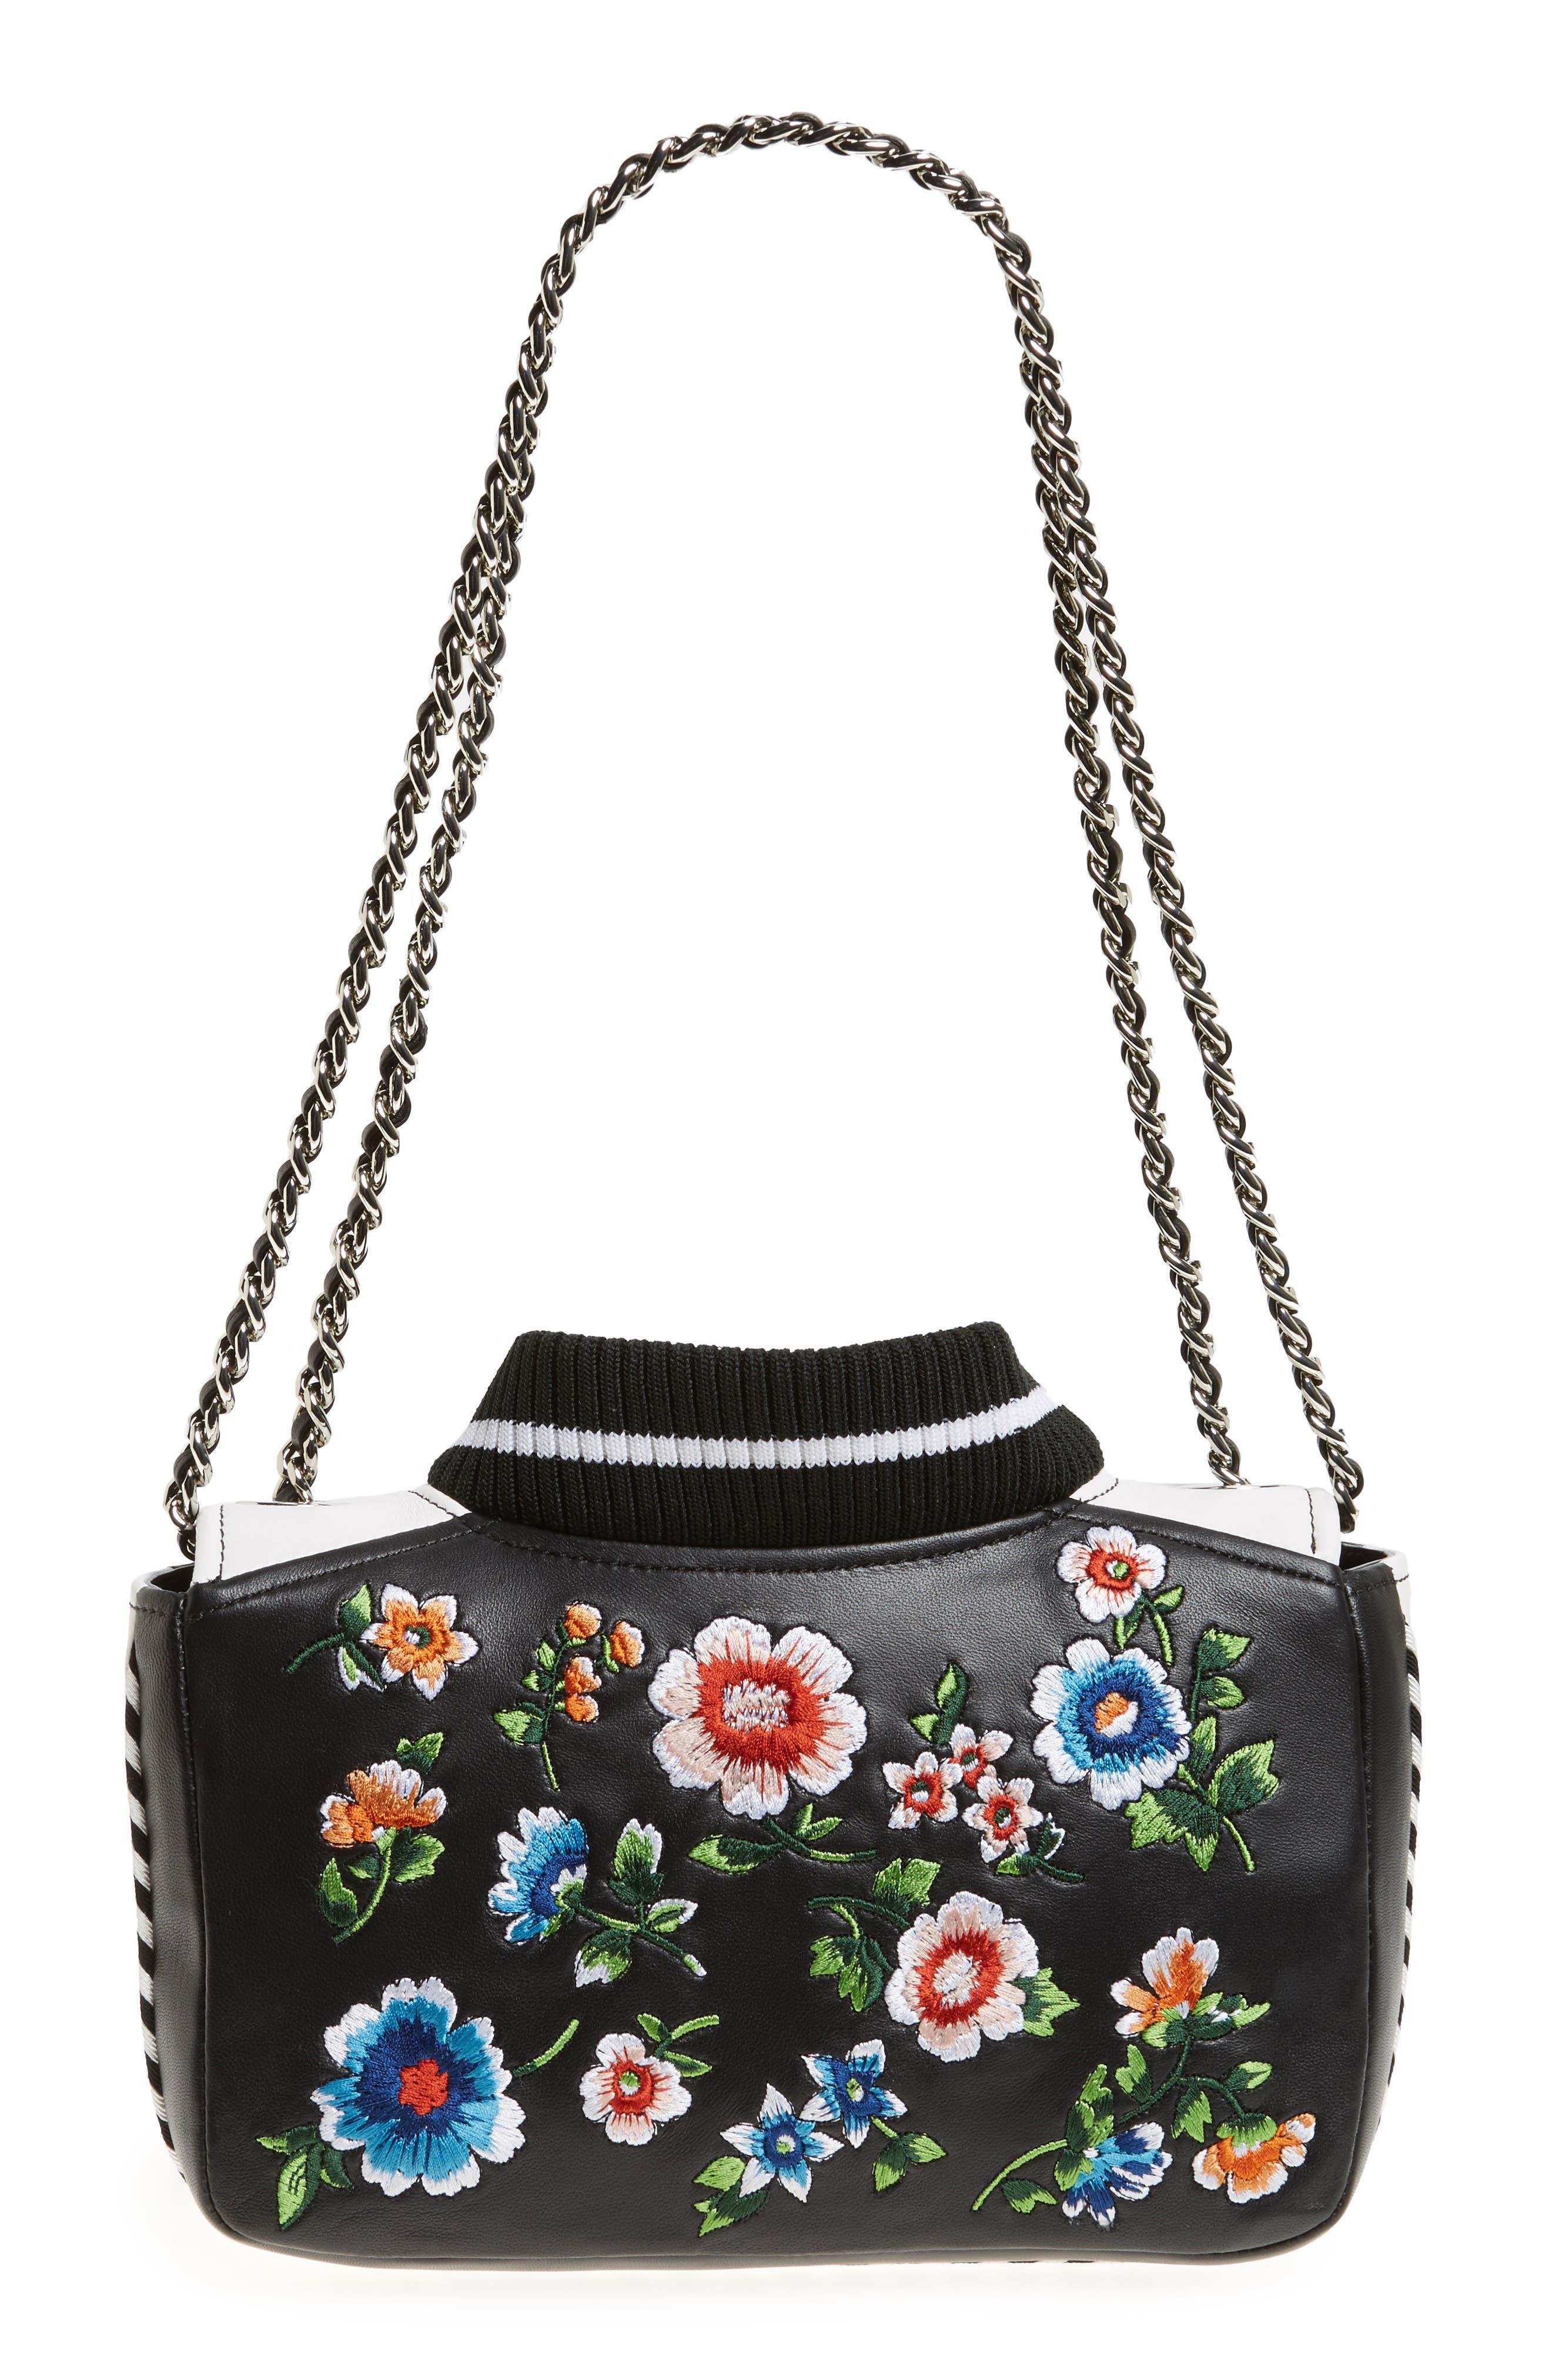 Embroidered Floral Bomber Jacket Leather Shoulder Bag,                             Alternate thumbnail 4, color,                             BLACK